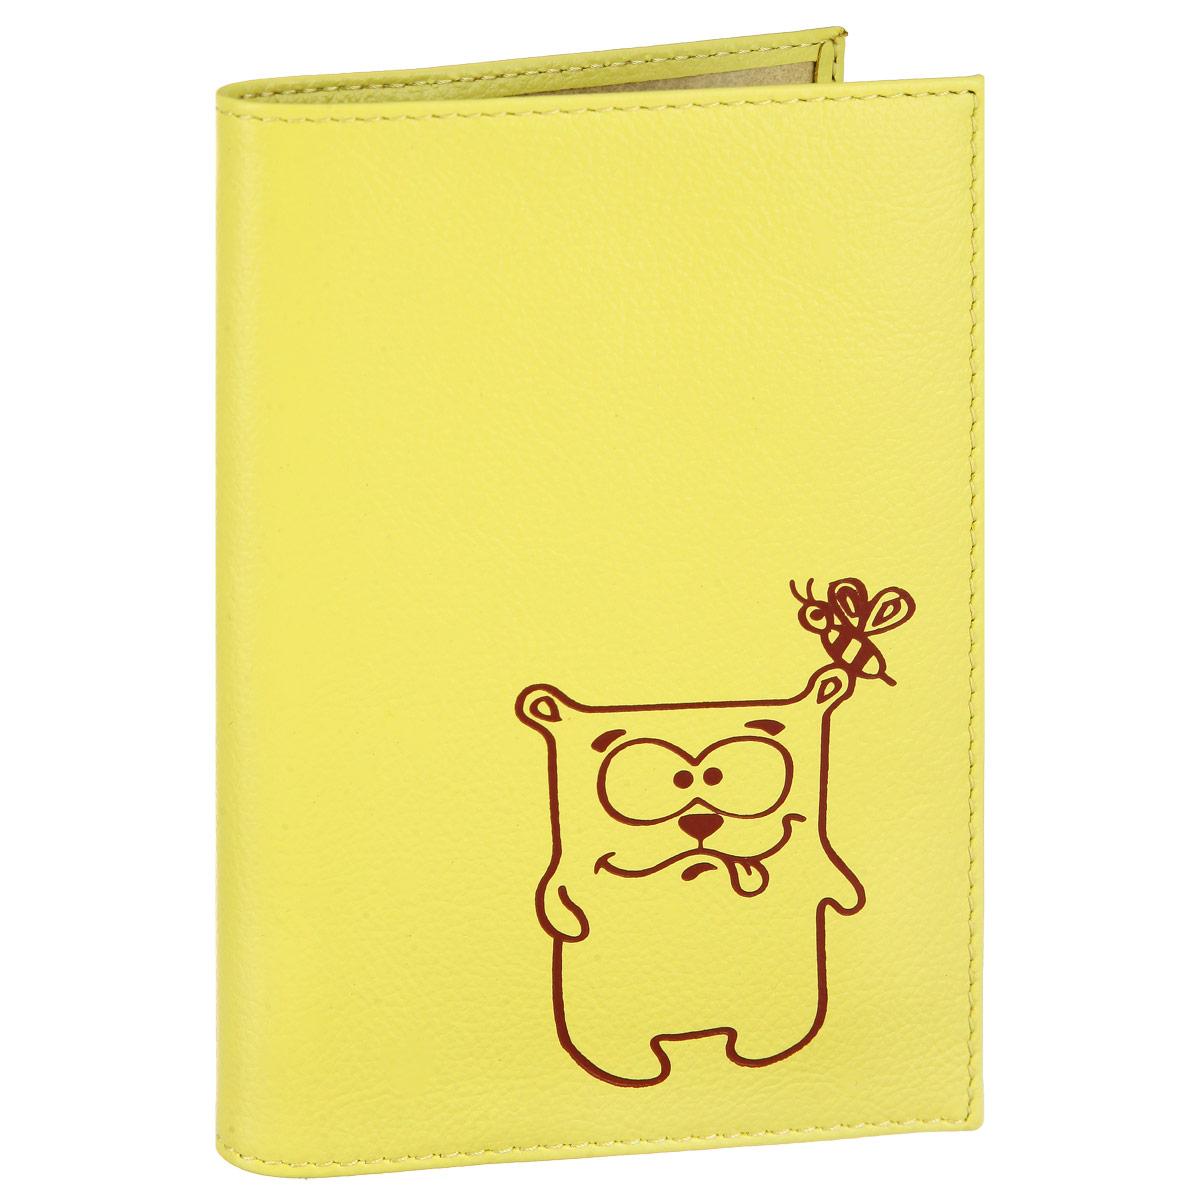 Обложка для паспорта Fabula Friends цвет: лимонный. O.30.CHНатуральная кожаСтильная обложка для паспорта Fabula Friends выполнена из натуральной кожи с зернистой текстурой, оформлена художественной печатью с изображением забавного медвежонка. Обложка для паспорта раскладывается пополам, внутри расположены два пластиковых кармашка.Такая обложка для паспорта станет прекрасным и стильным подарком человеку, любящему оригинальные и практичные вещи.